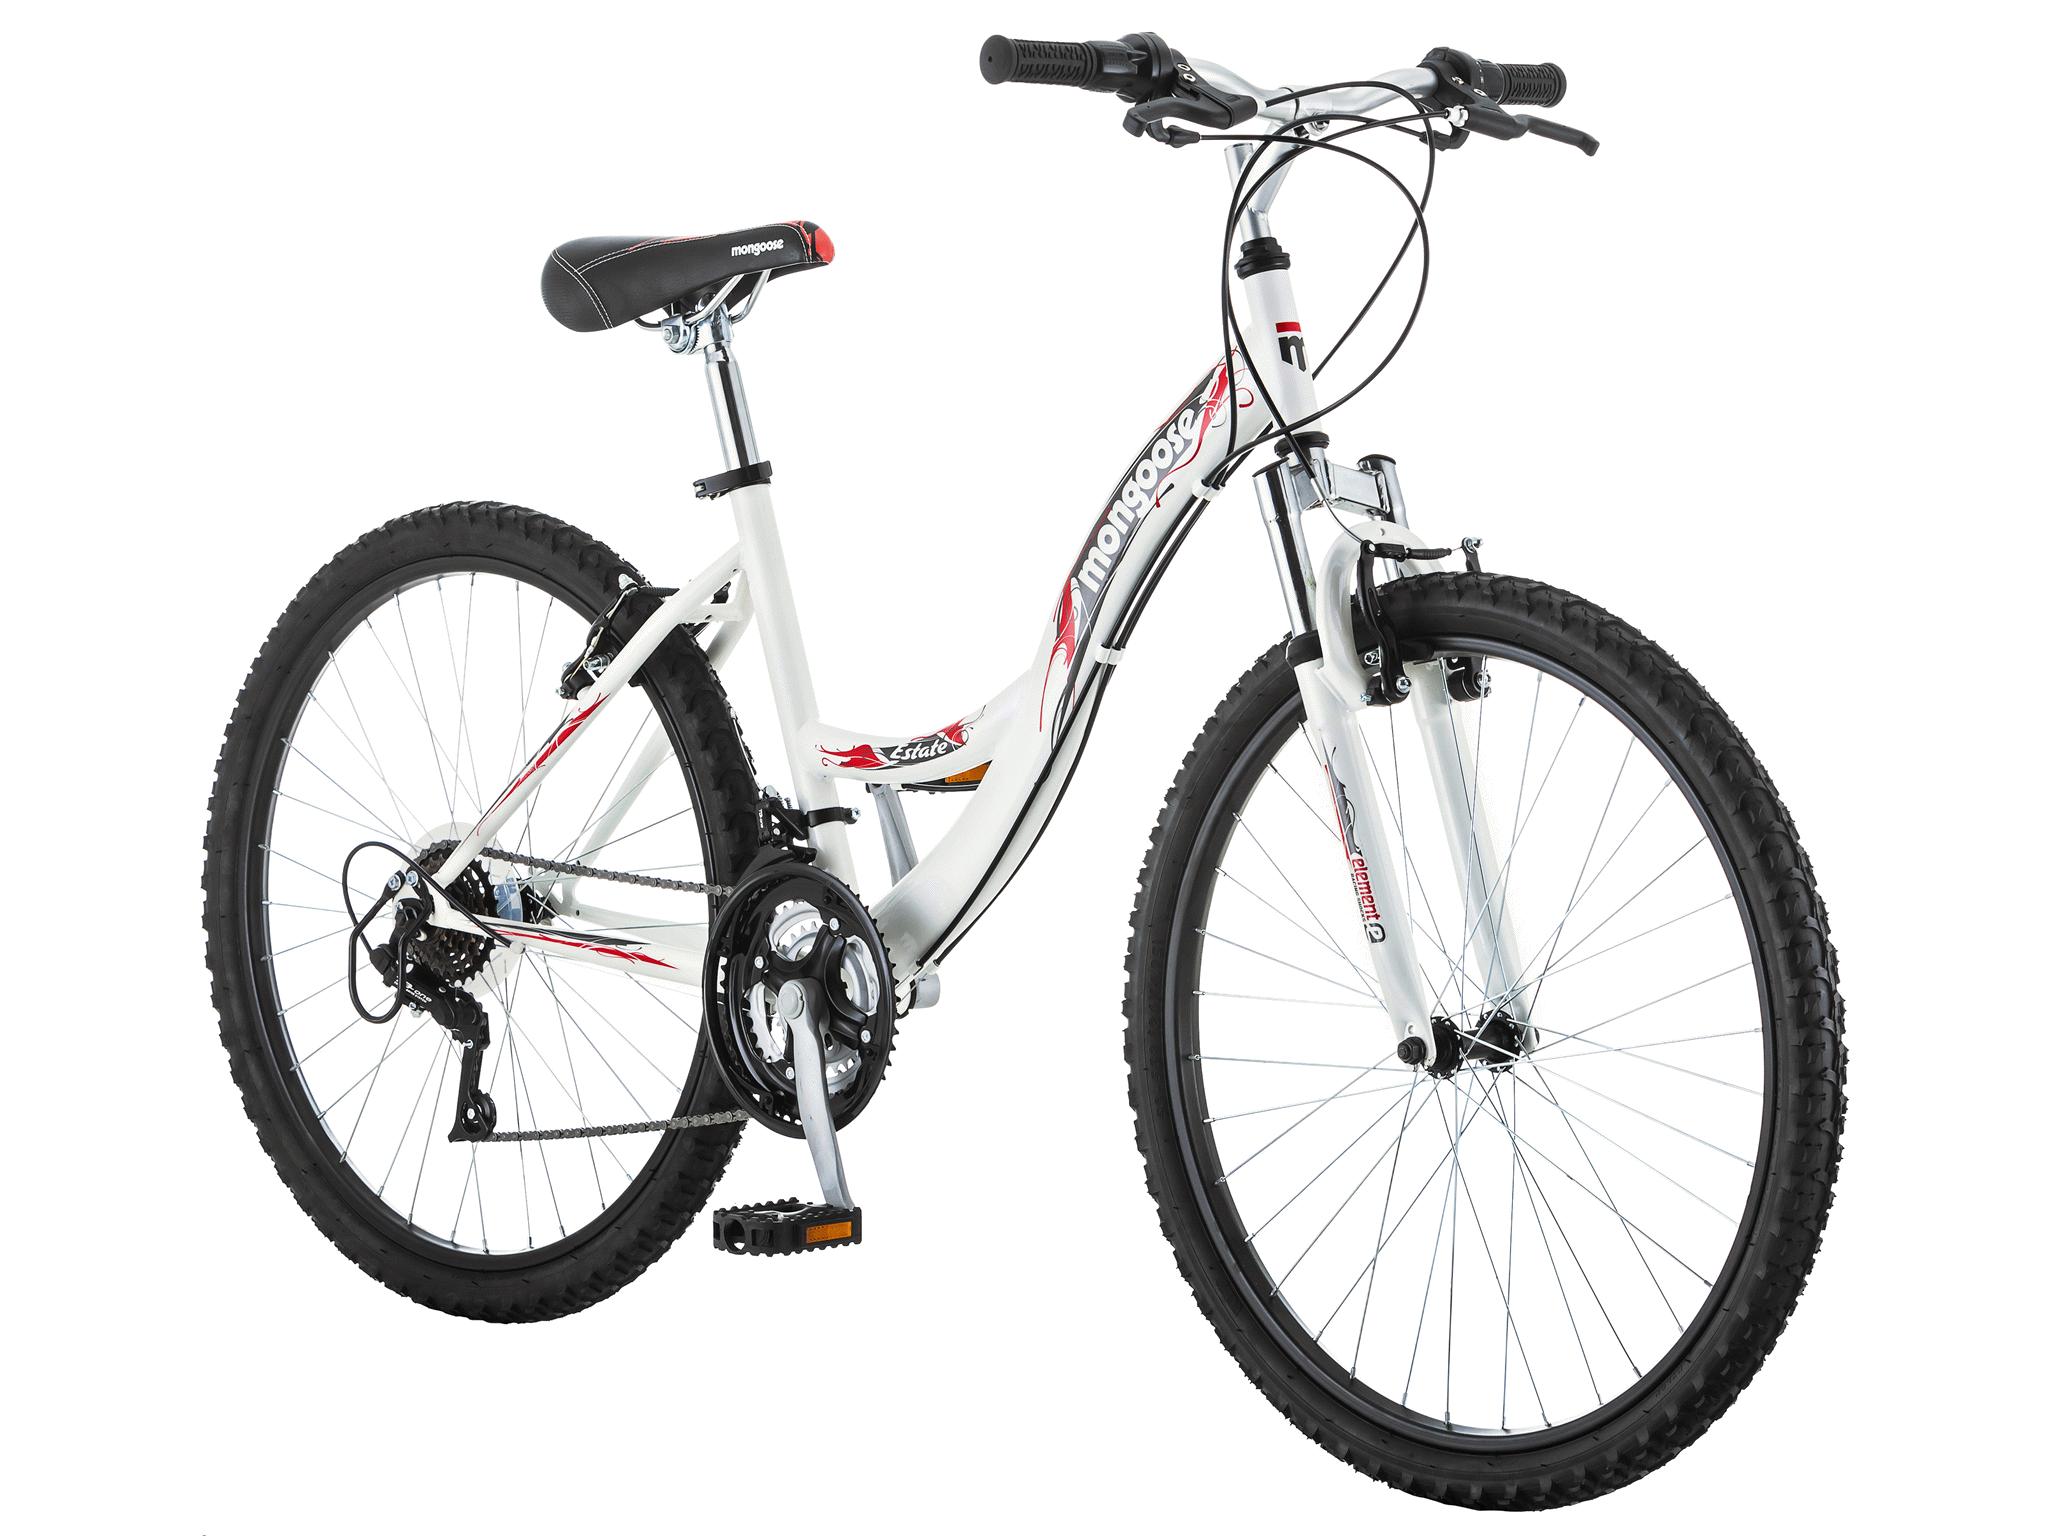 bikes ride ons com bikes ride ons